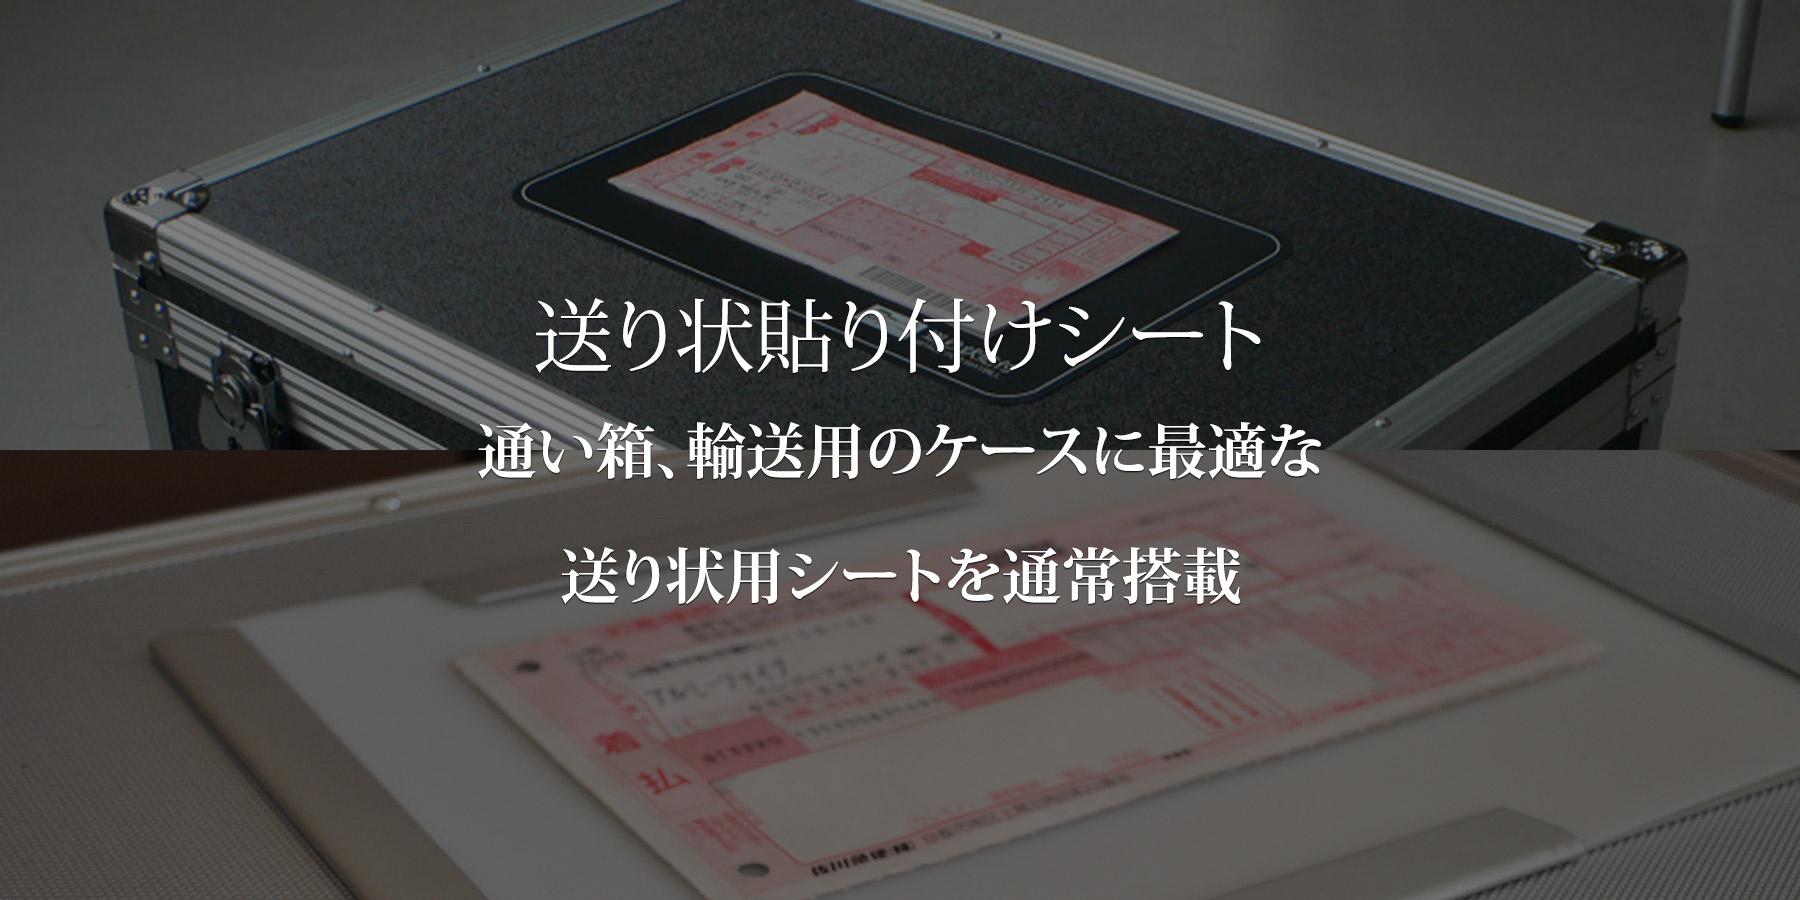 送り状貼り付けシート 通い箱、輸送用のケースに最適な送り状用シートを通常搭載